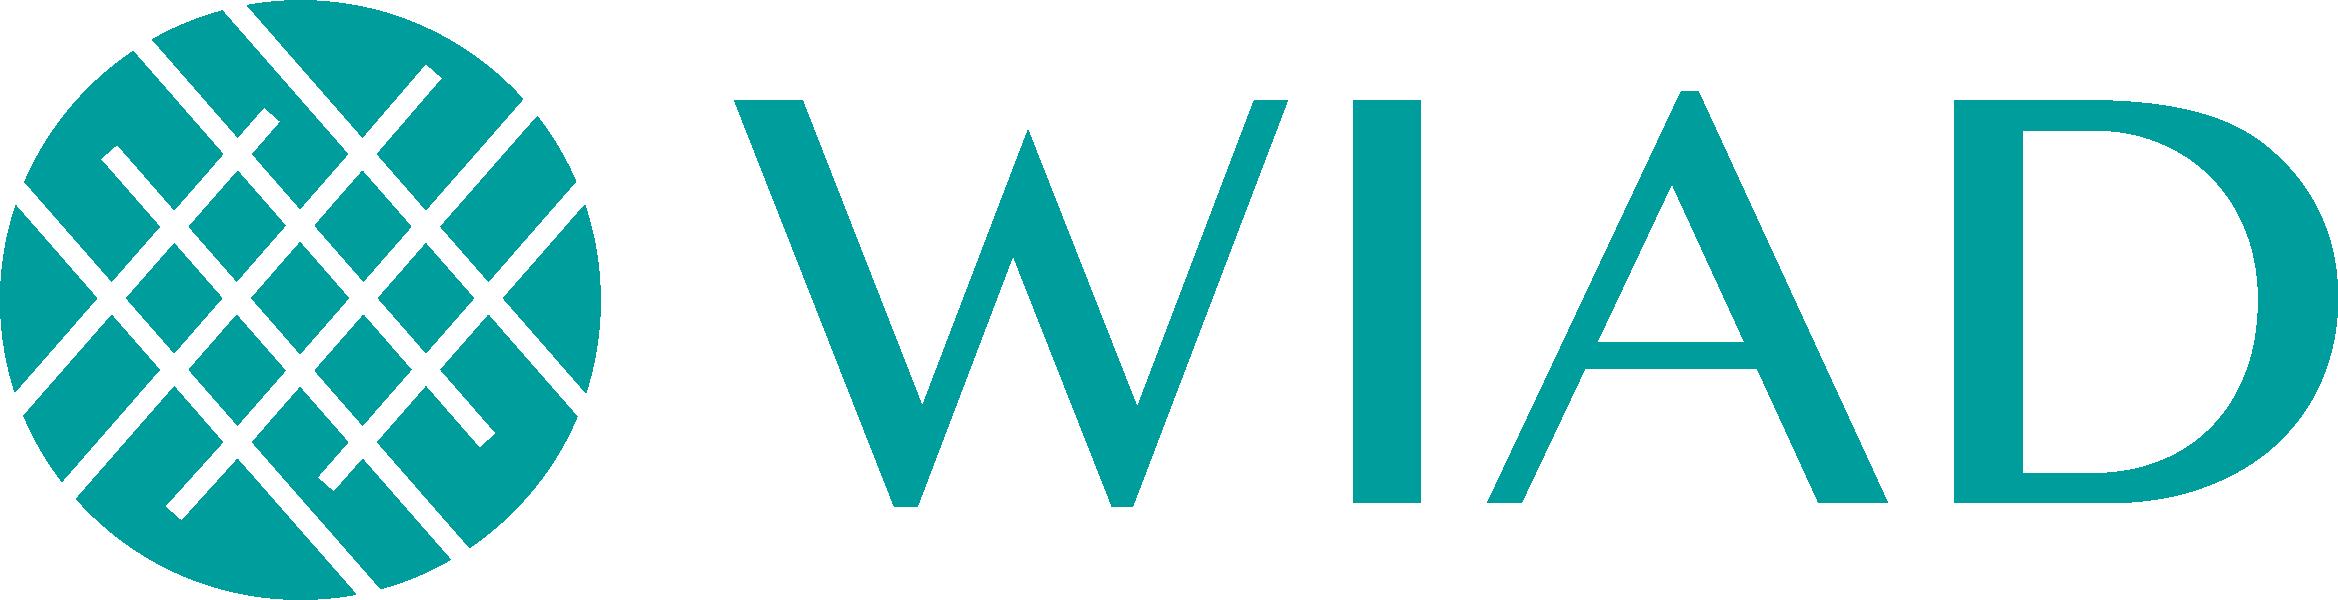 wiad_logo_shorthand_rgb.png